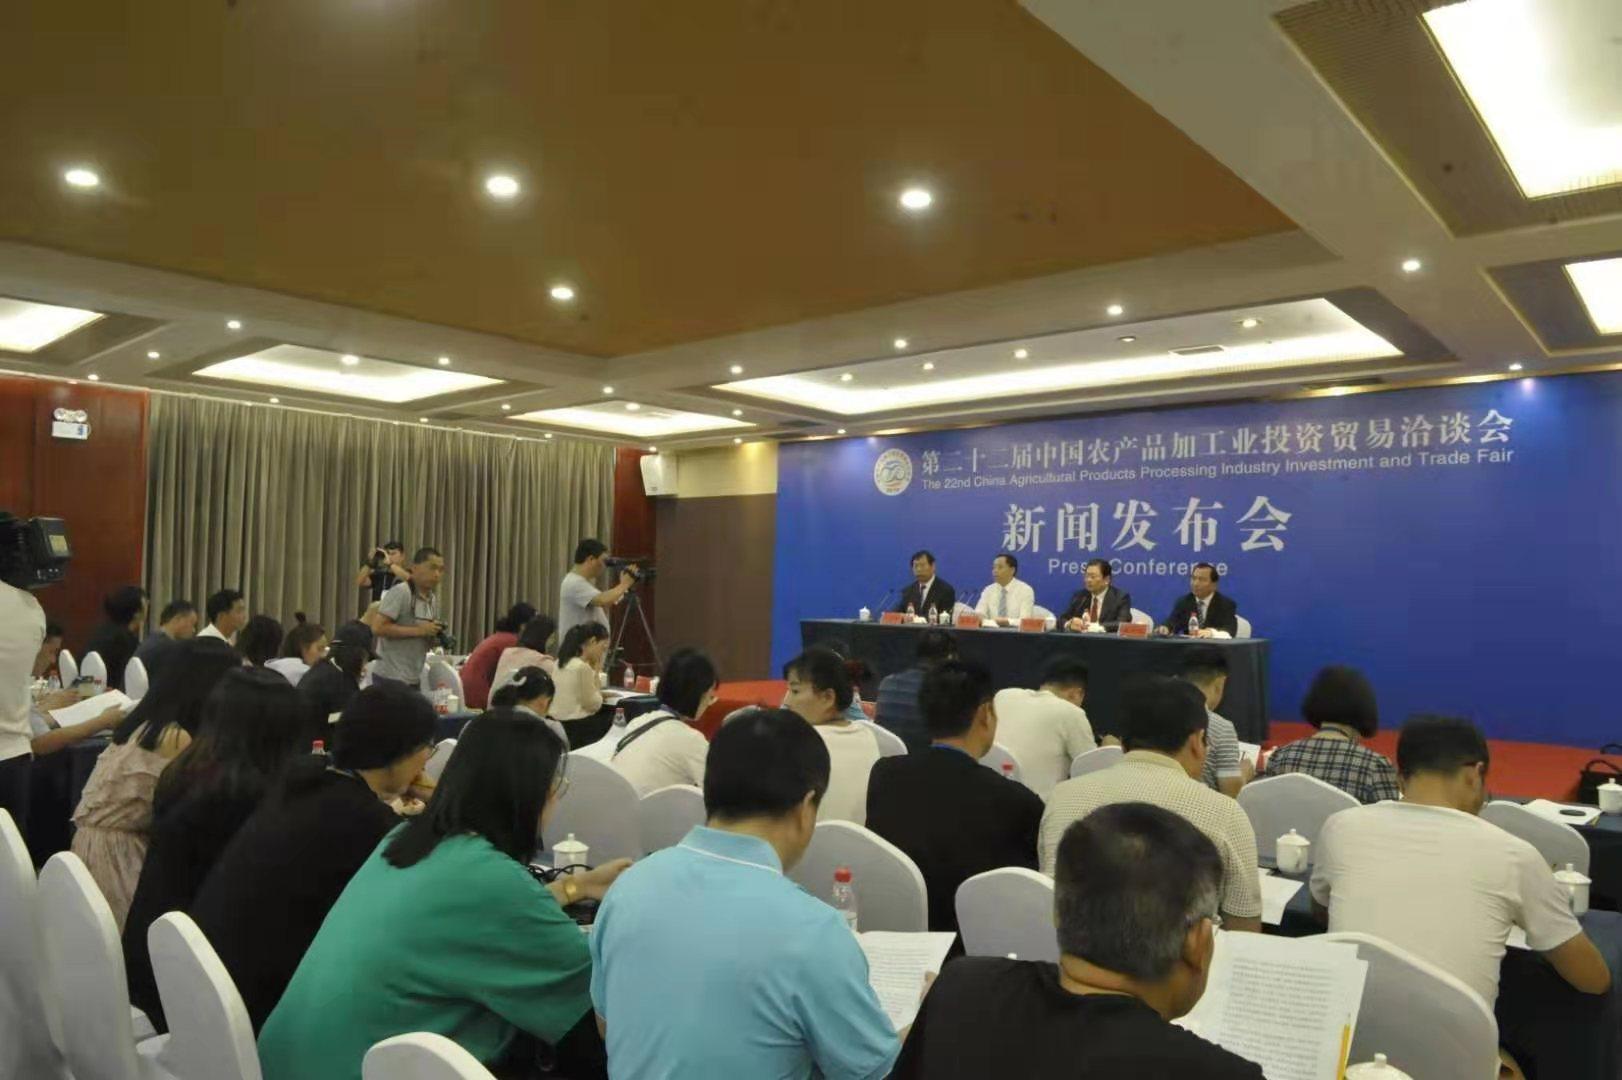 第二十二届中国农产品加工投洽会举行第二次新闻发布会